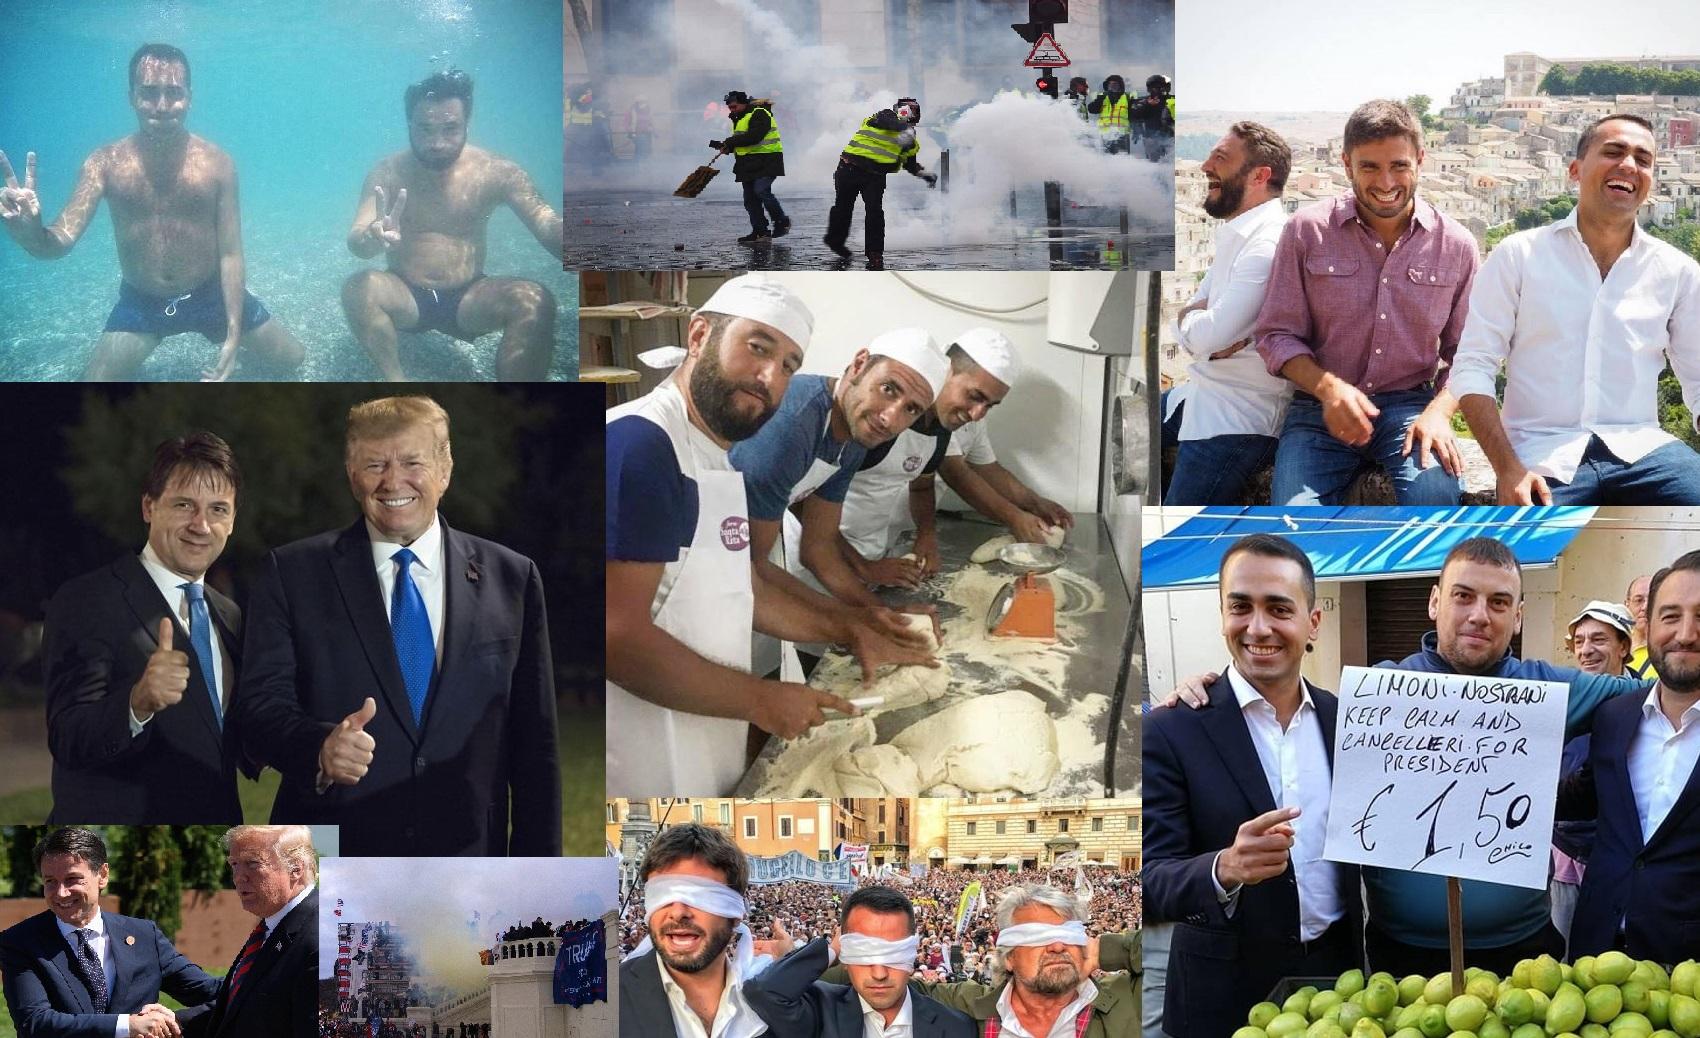 Responsabili e irresponsabili collage 1